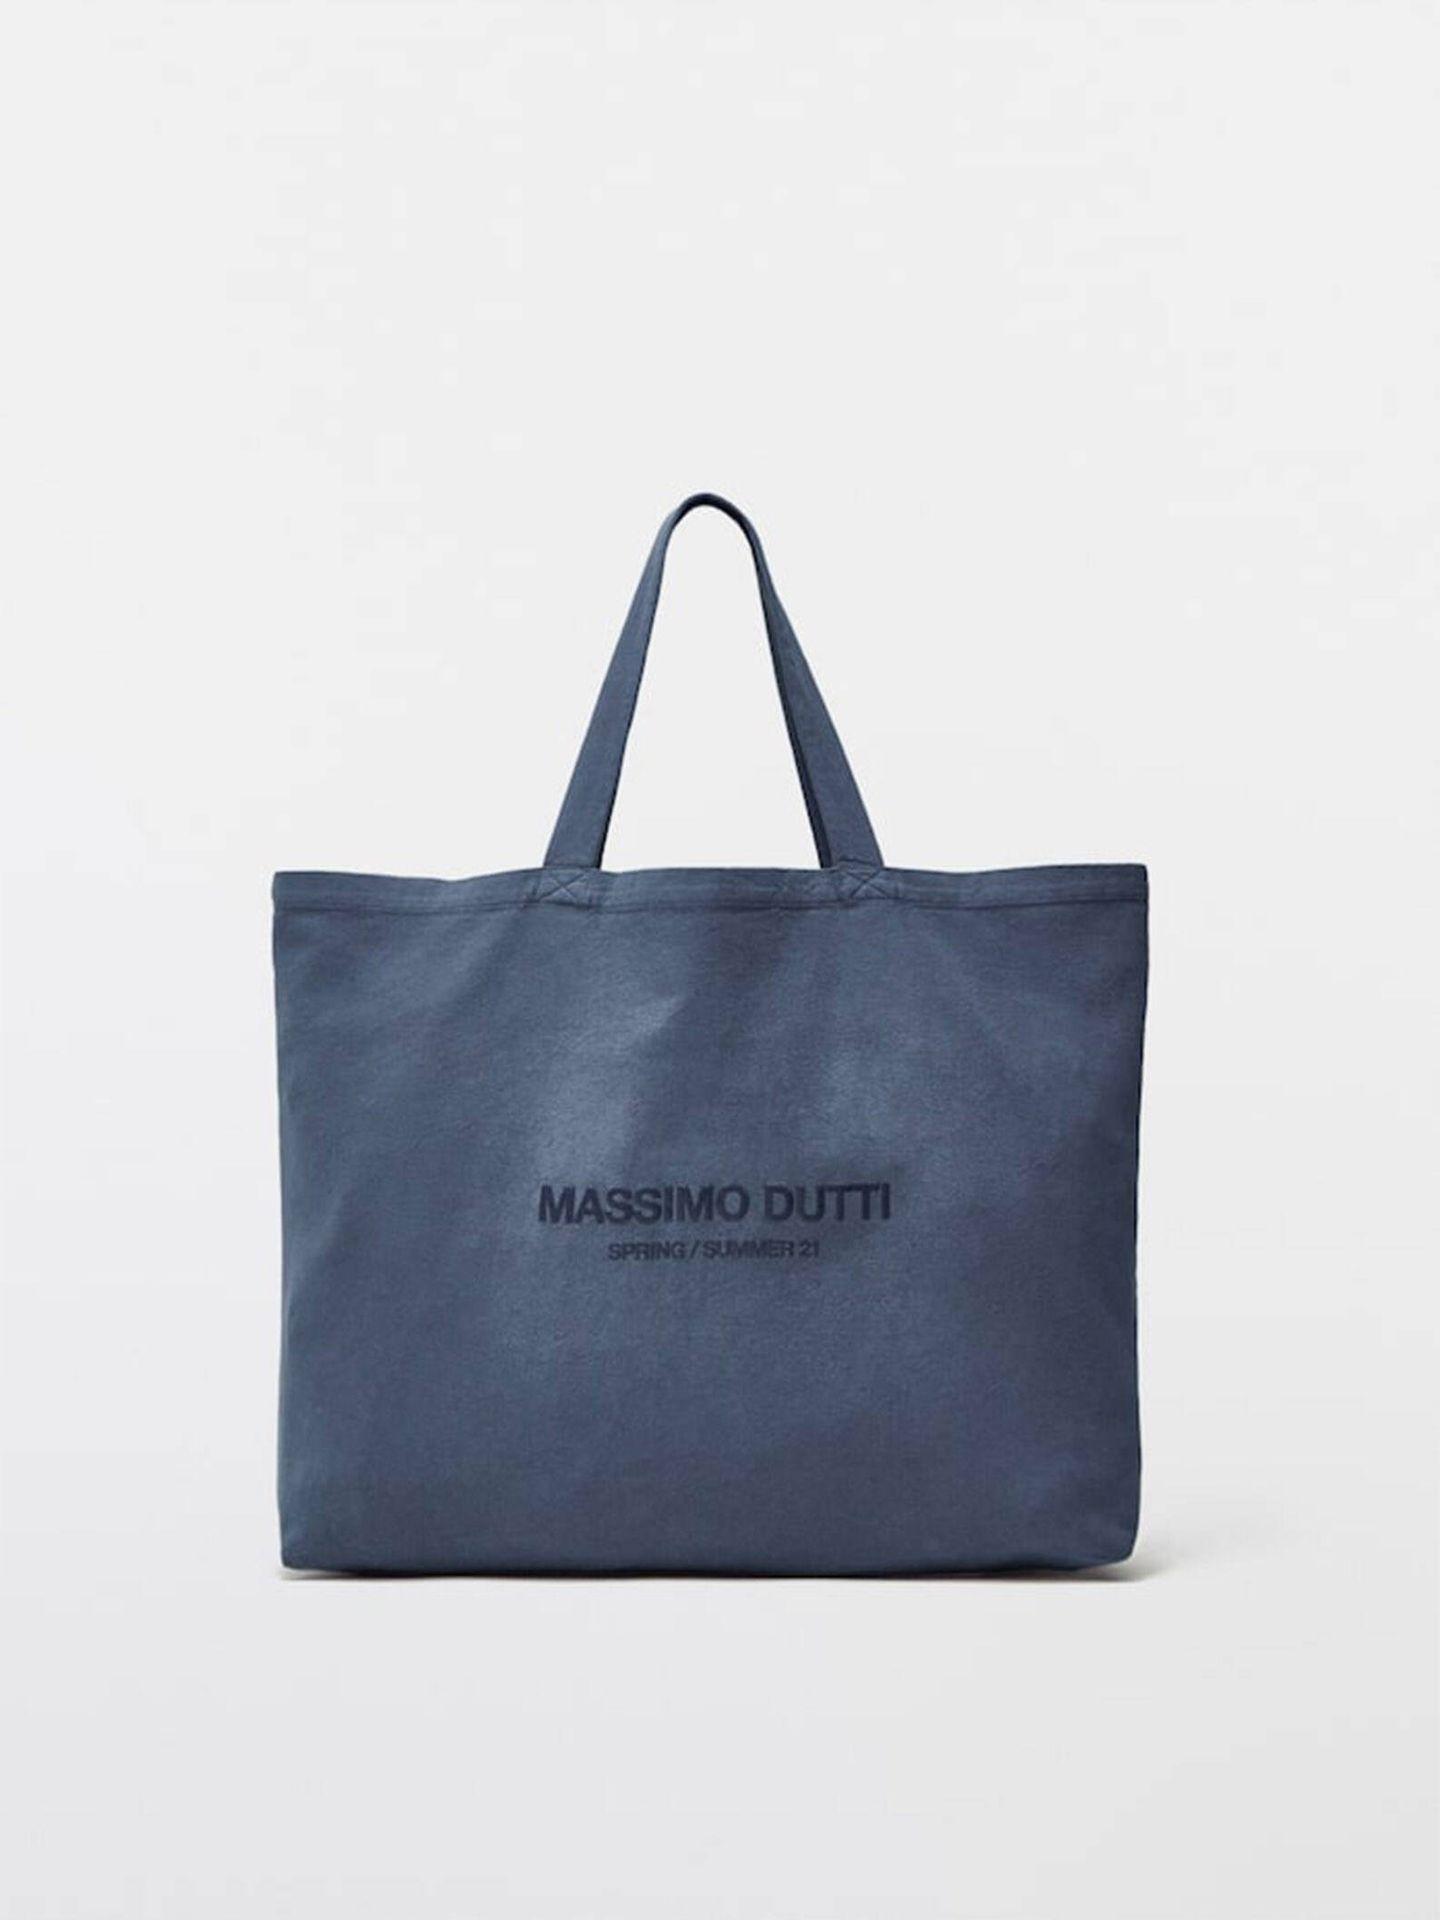 Bolso shopper de Massimo Dutti. (Cortesía)